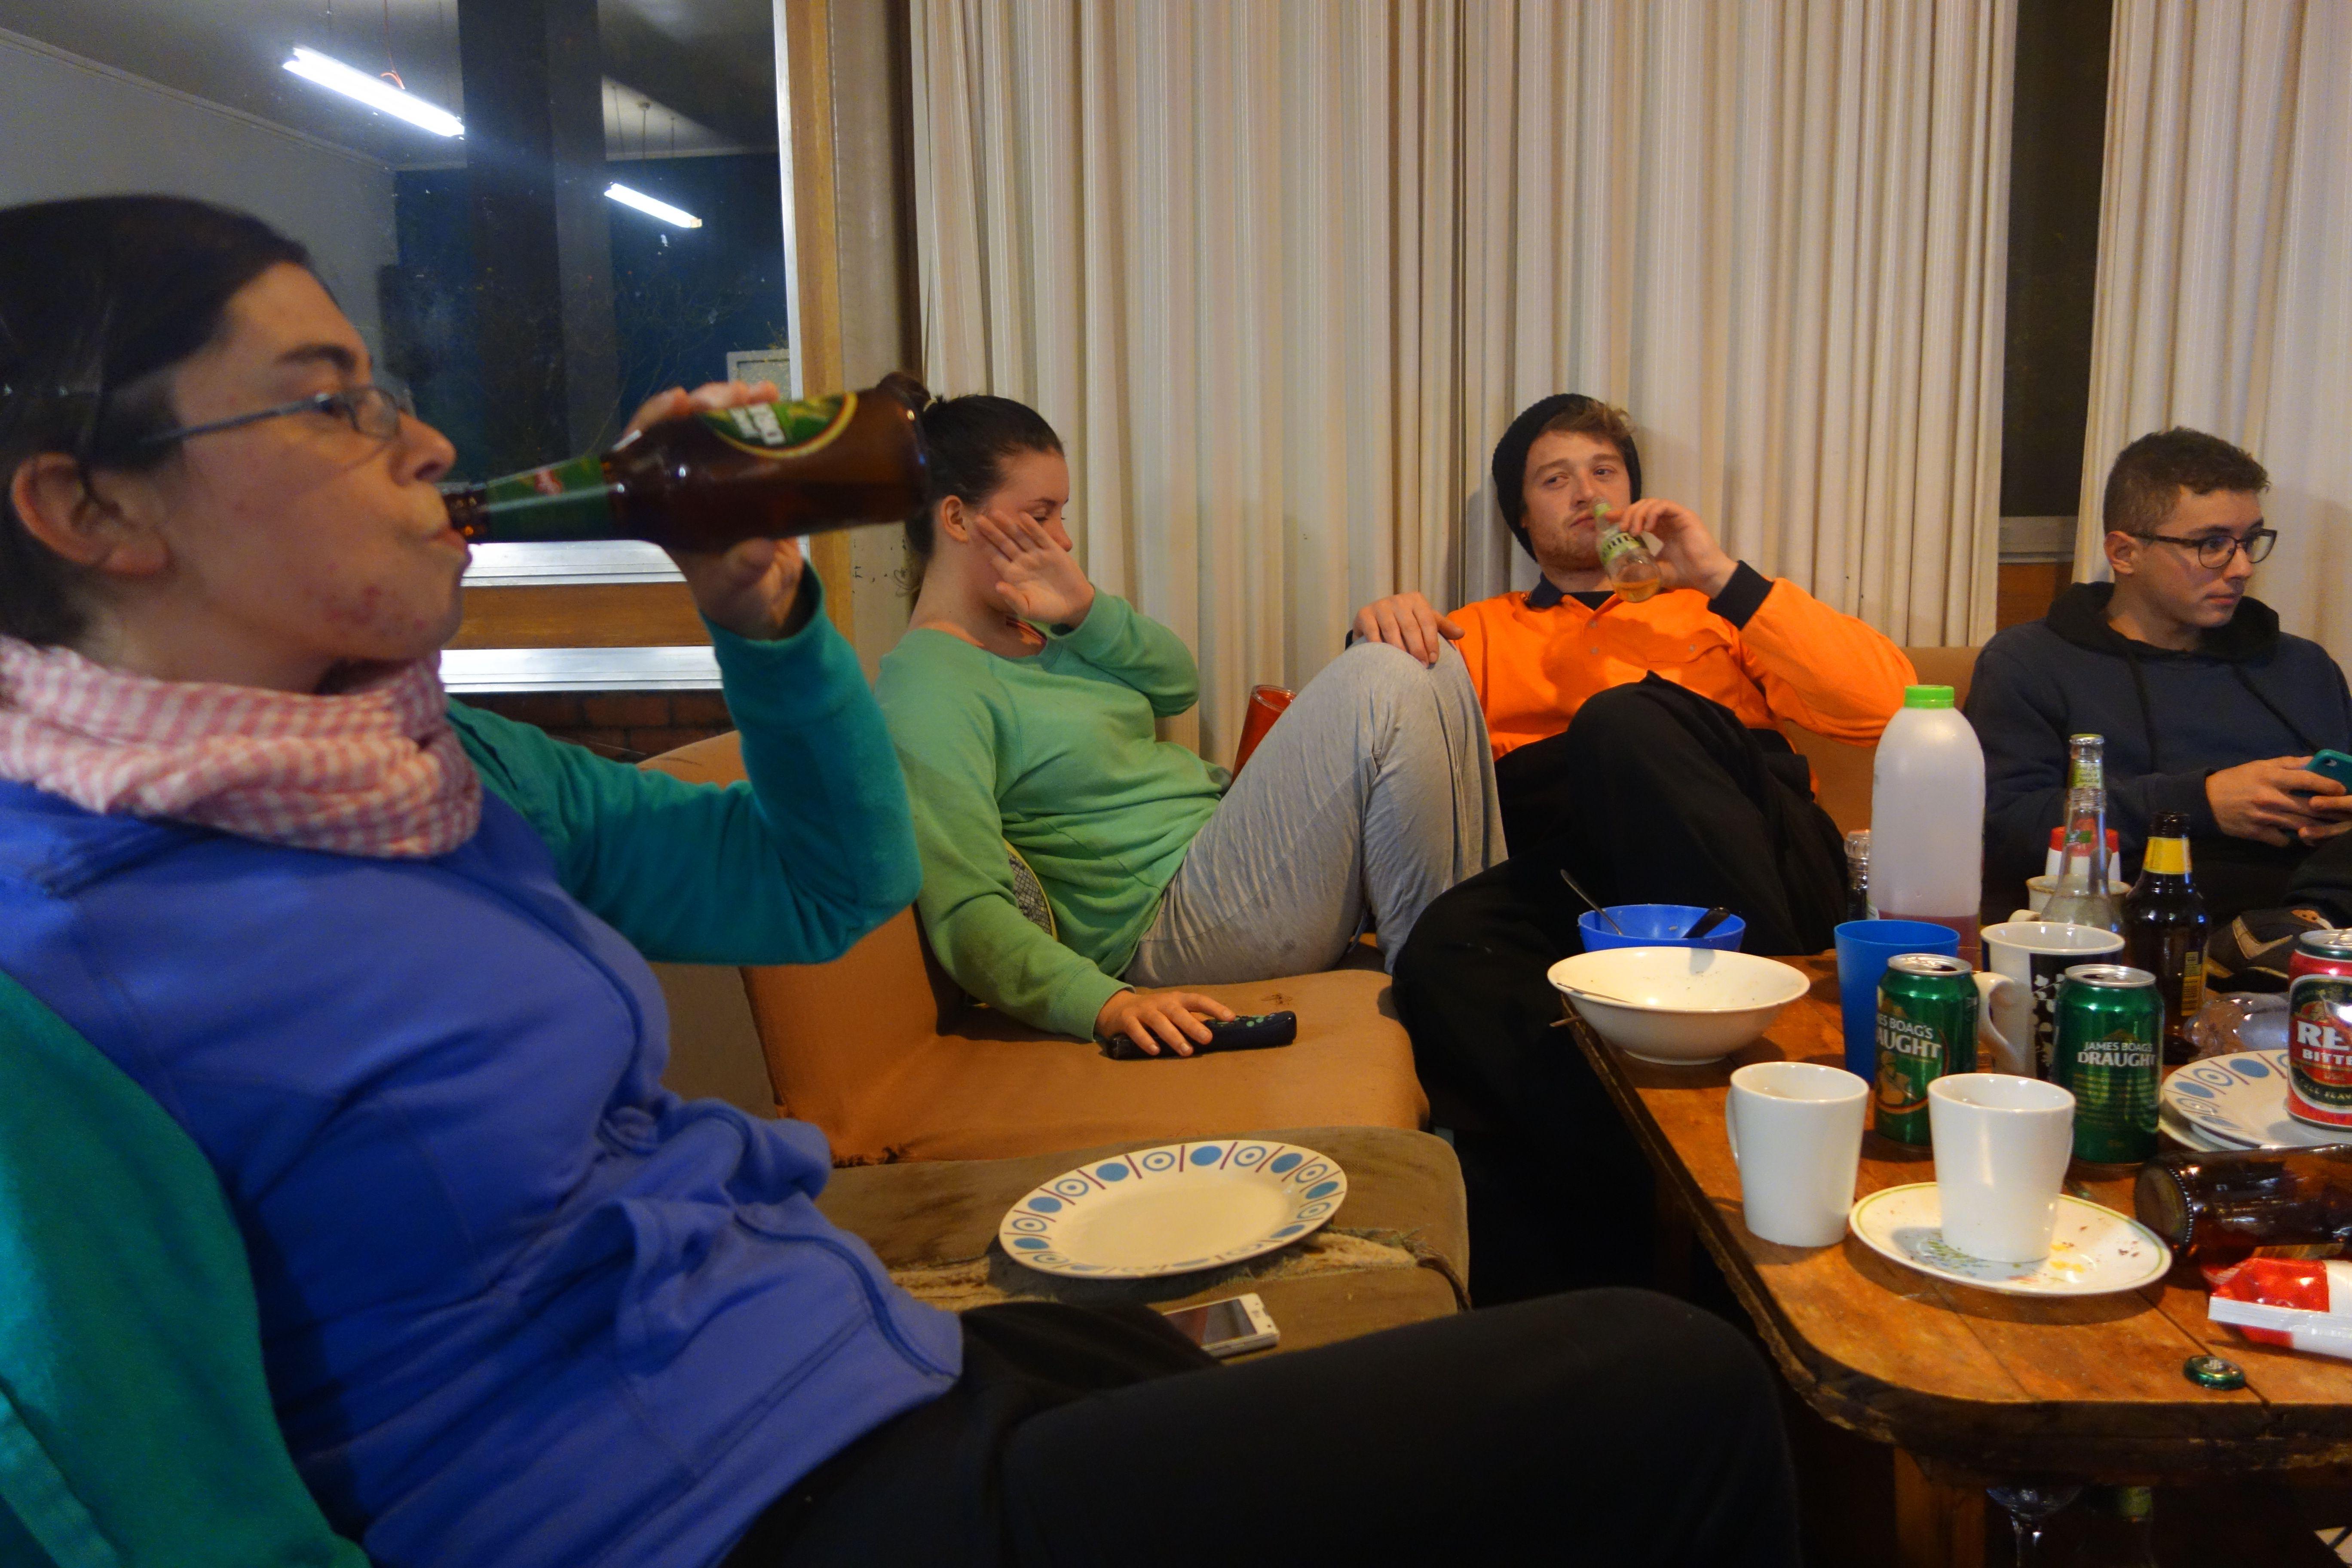 Australie- Tasmanie: Apres le taf a 2h du matin...décompression a l'hôtel.